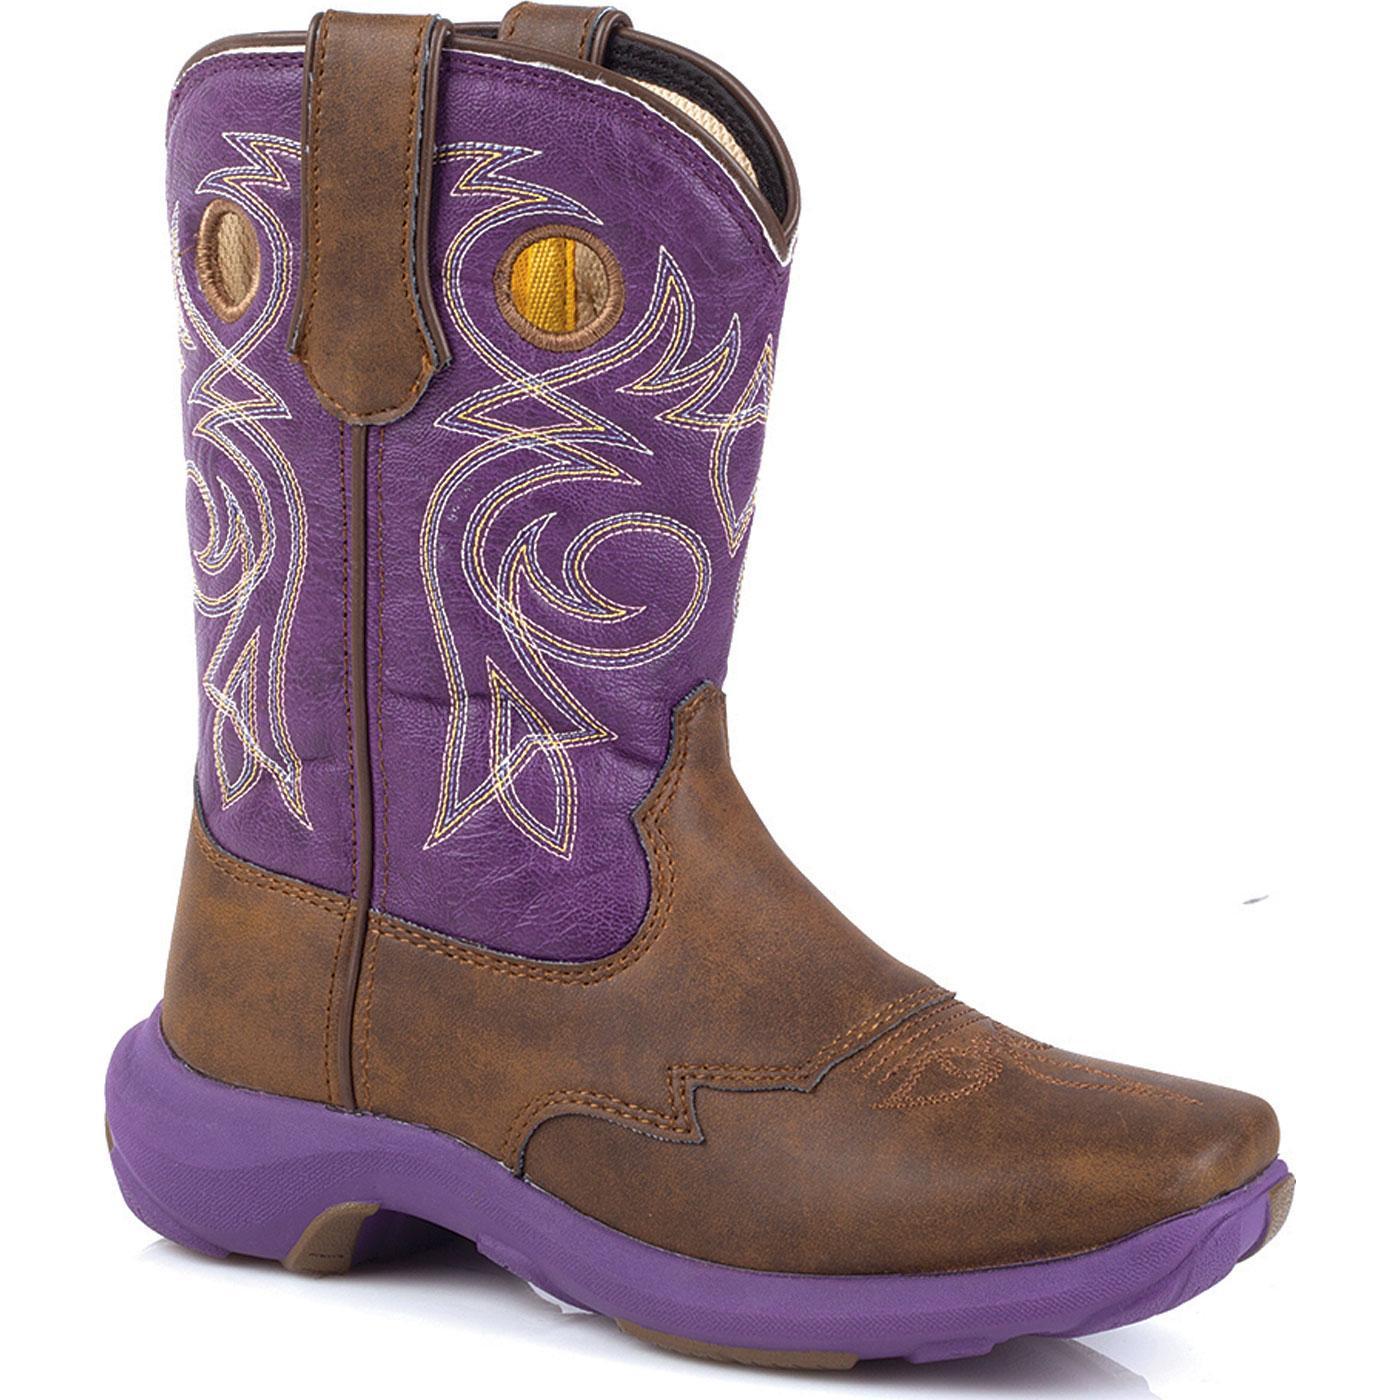 Lil39 Durango Kids39 Western Boots Style Bt017